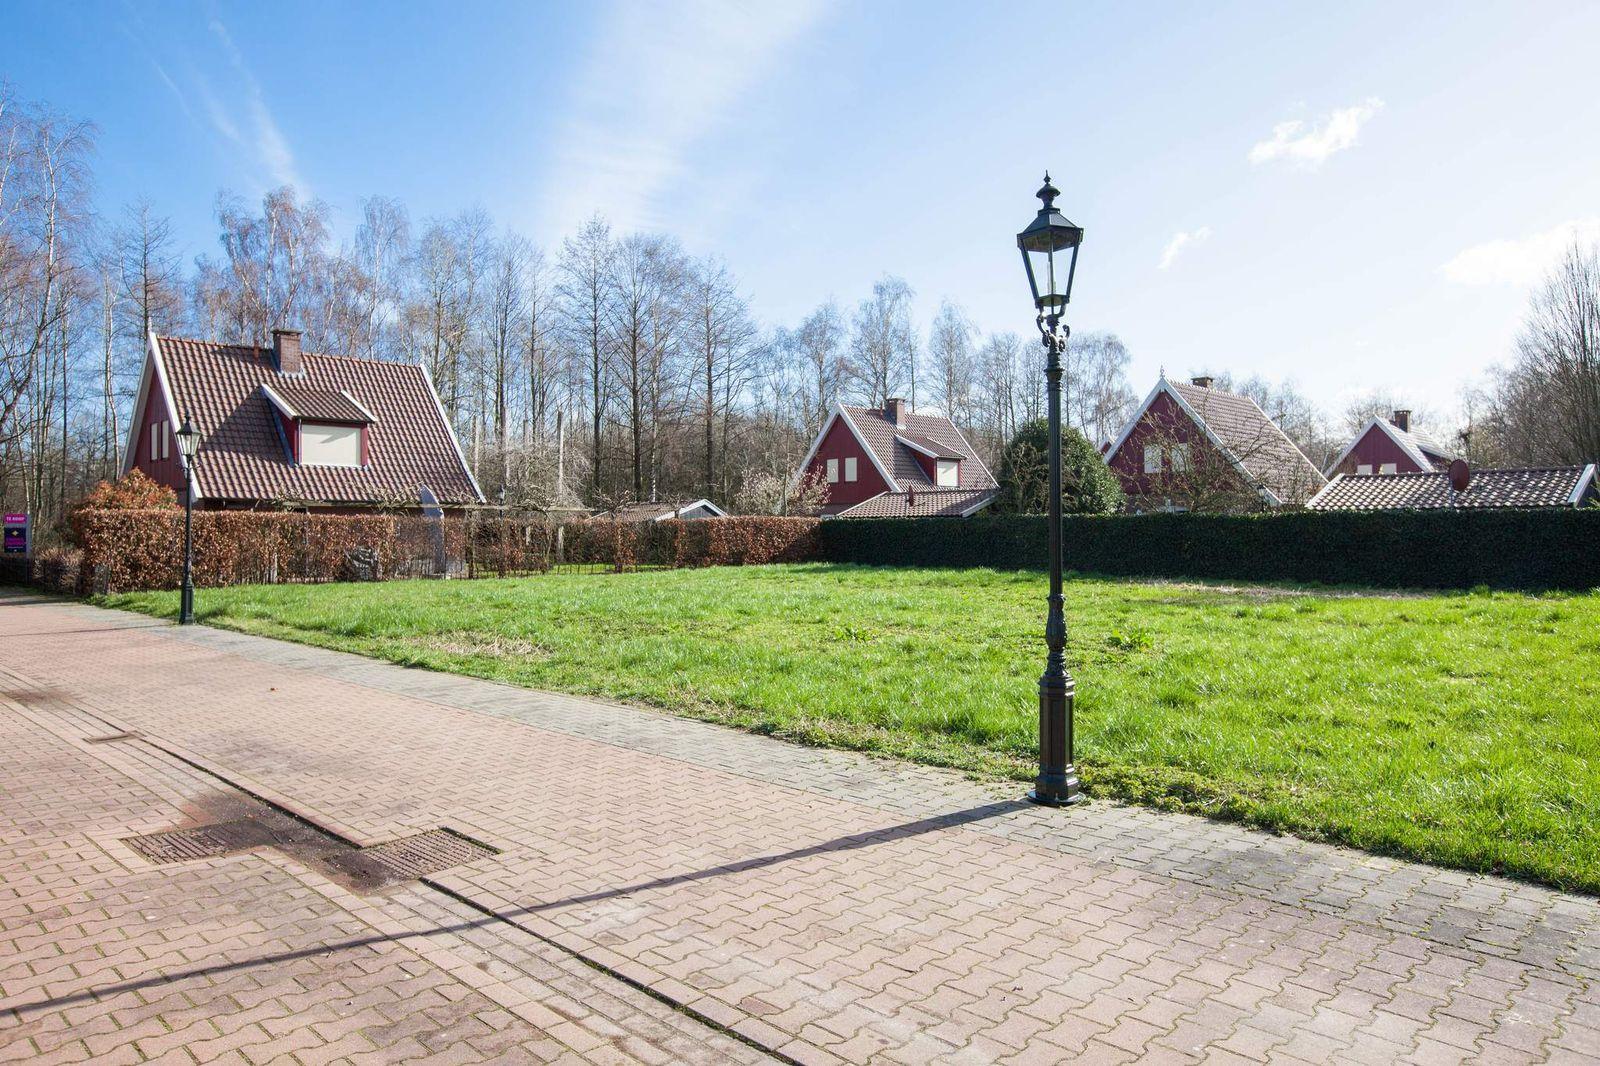 Jonkersweg 47, Winterswijk Meddo